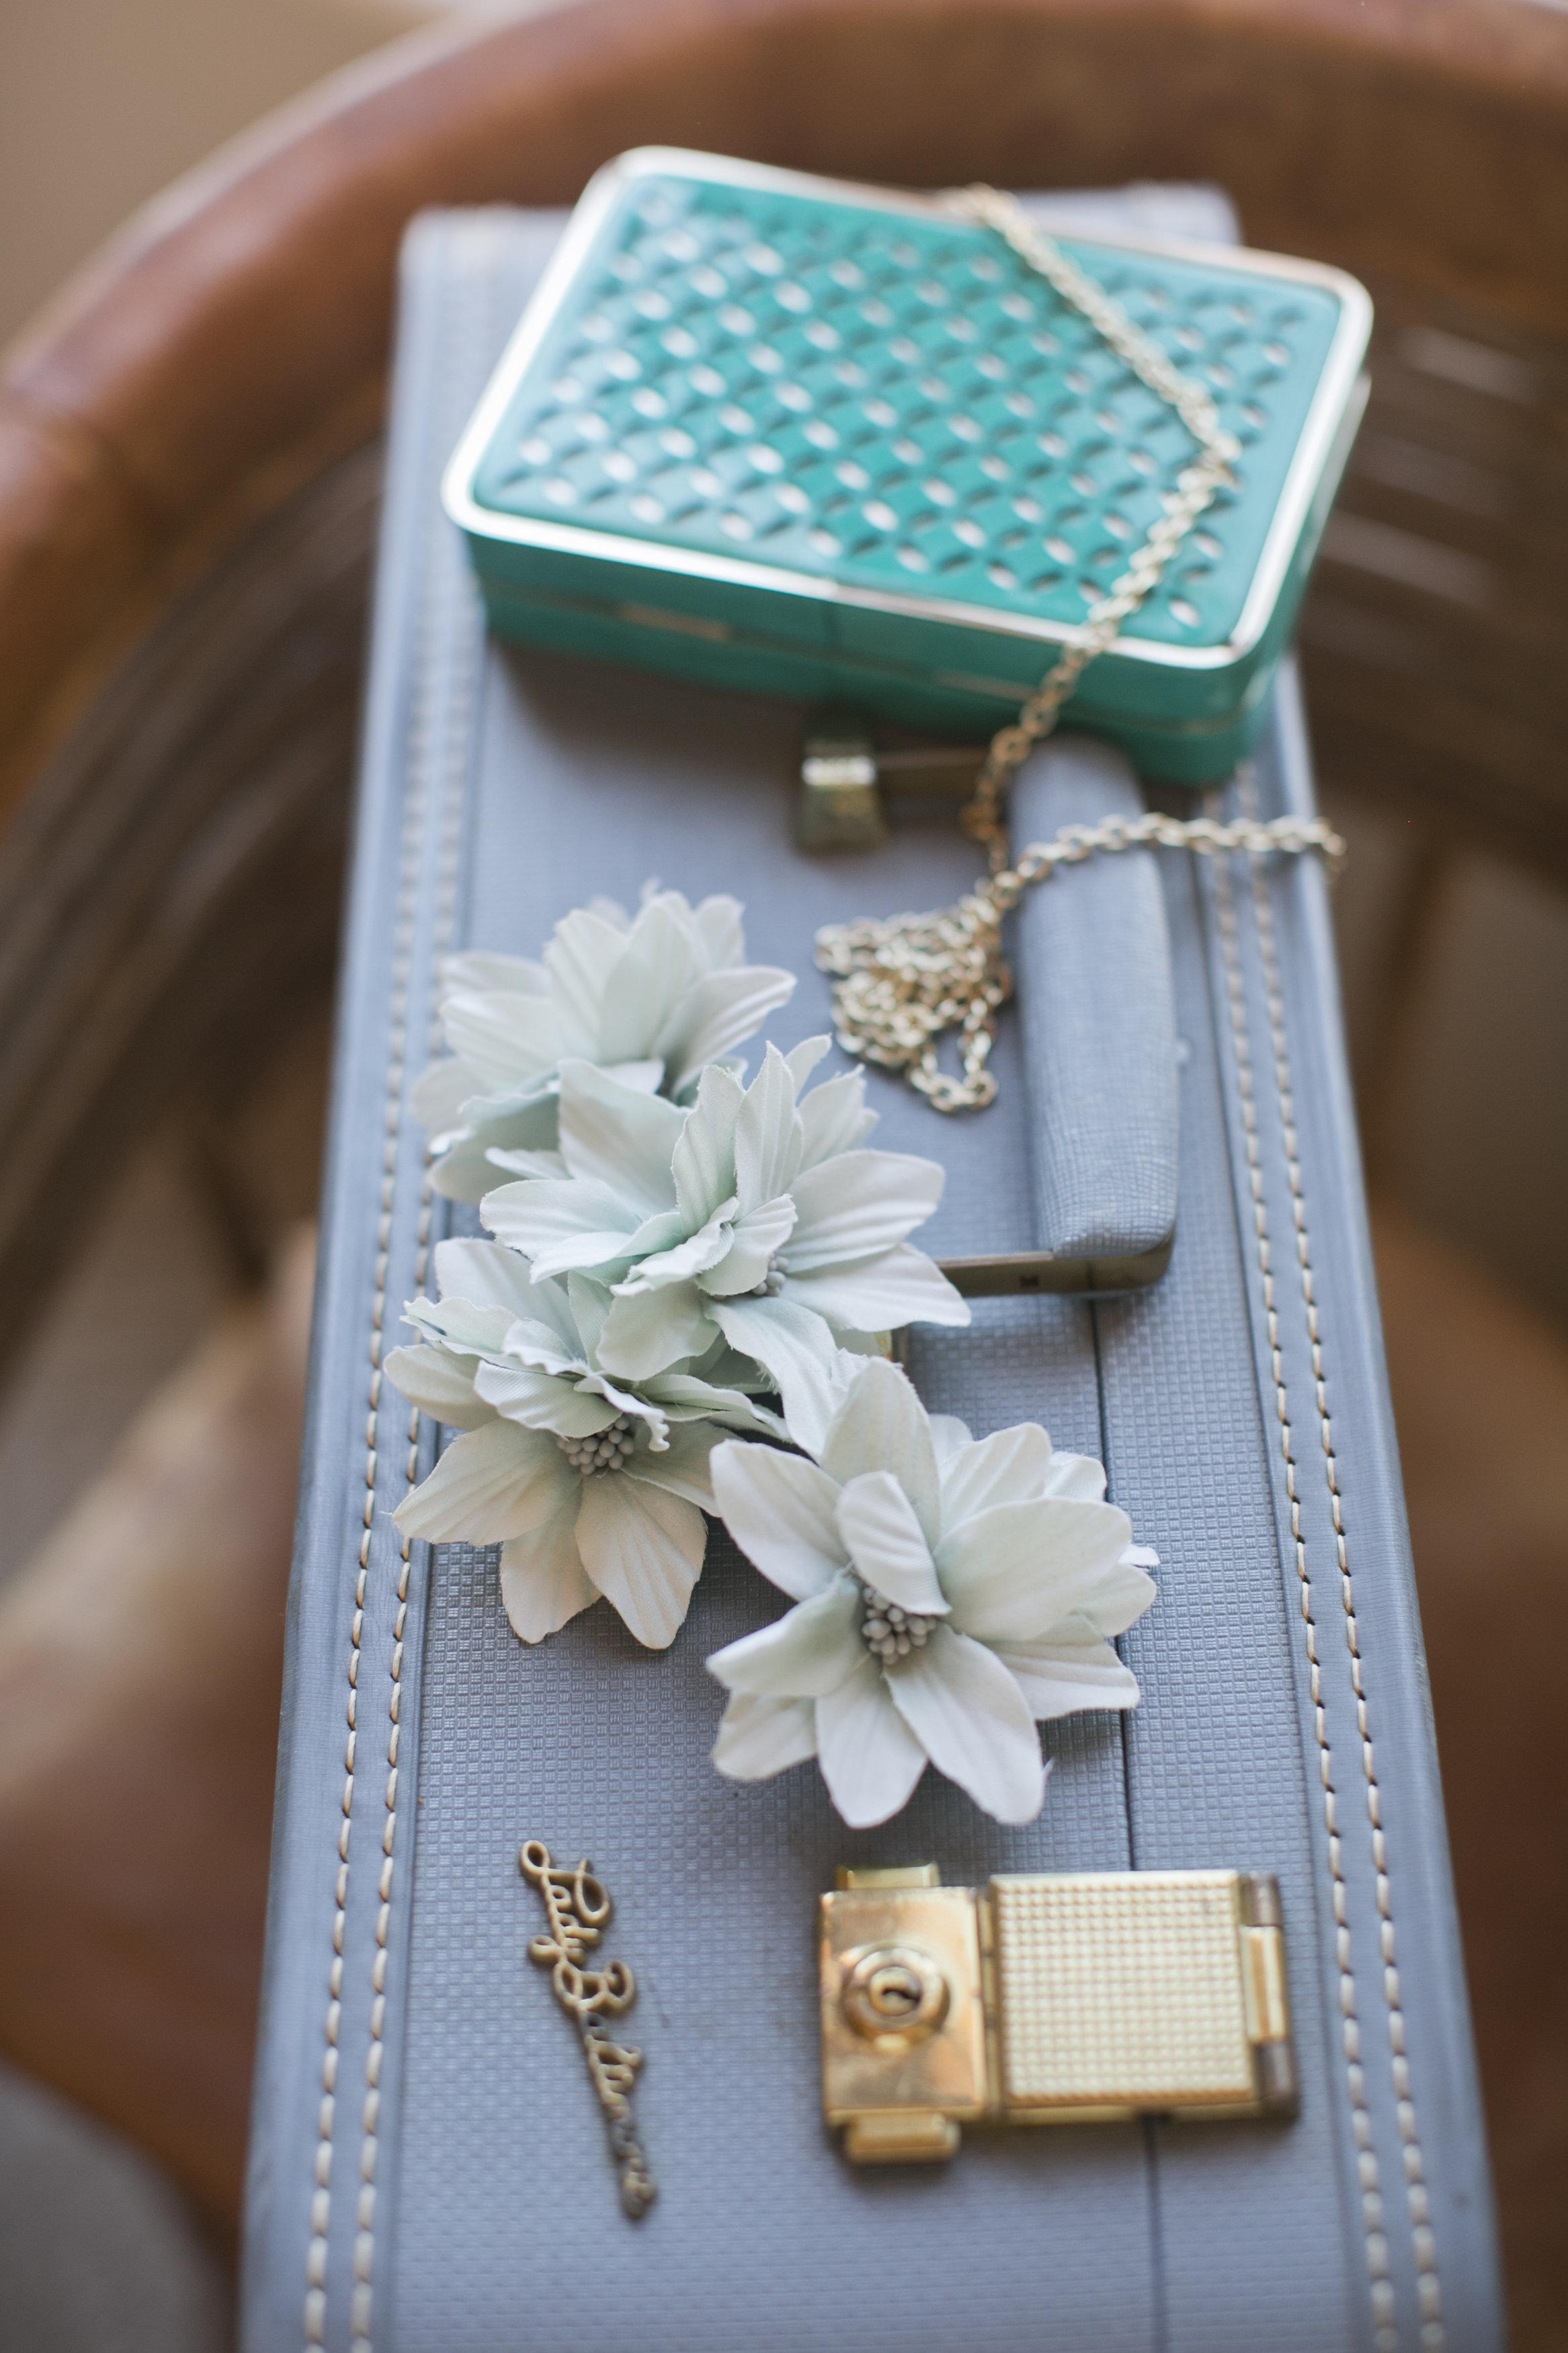 Ceci_New_York_Ceci_Style_Ceci_Johnson_Luxury_Lifestyle_Arizona_Wedding_Watercolor_Inspiration_Design_Custom_Couture_Personalized_Invitations_22.jpg